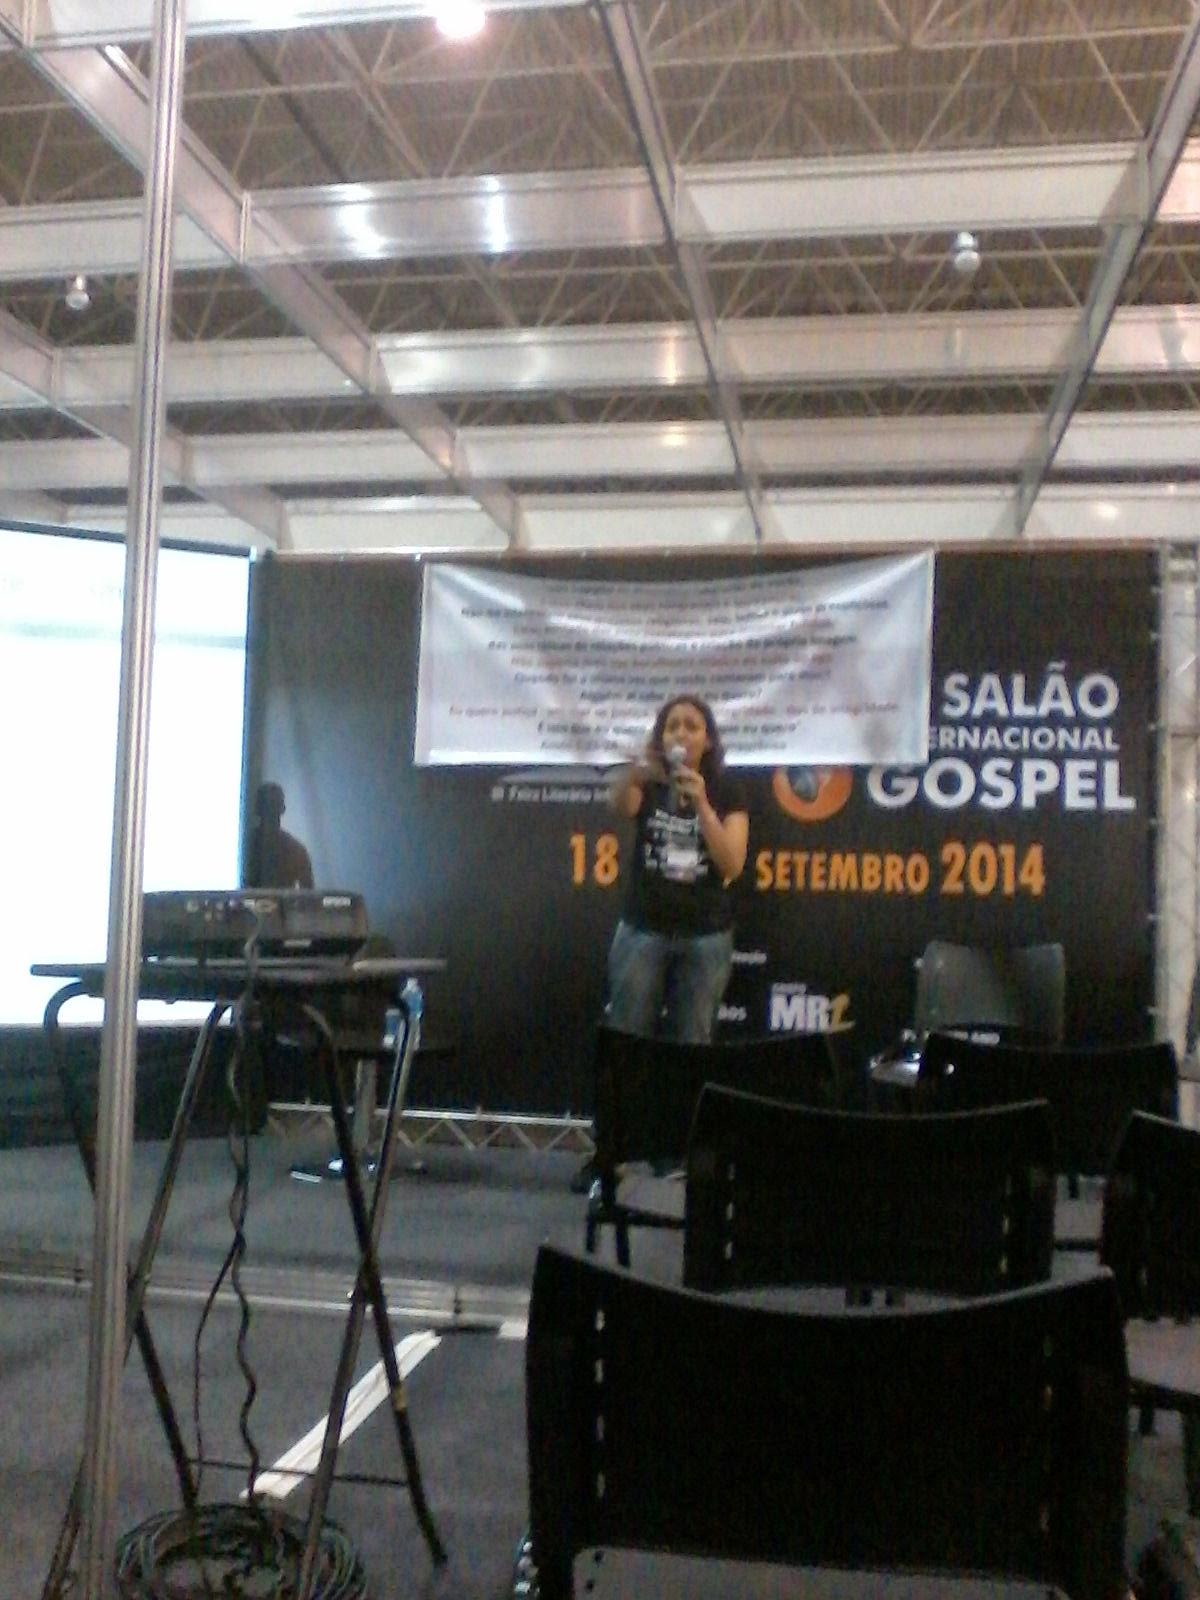 Salão Gospel São Paulo 09/14